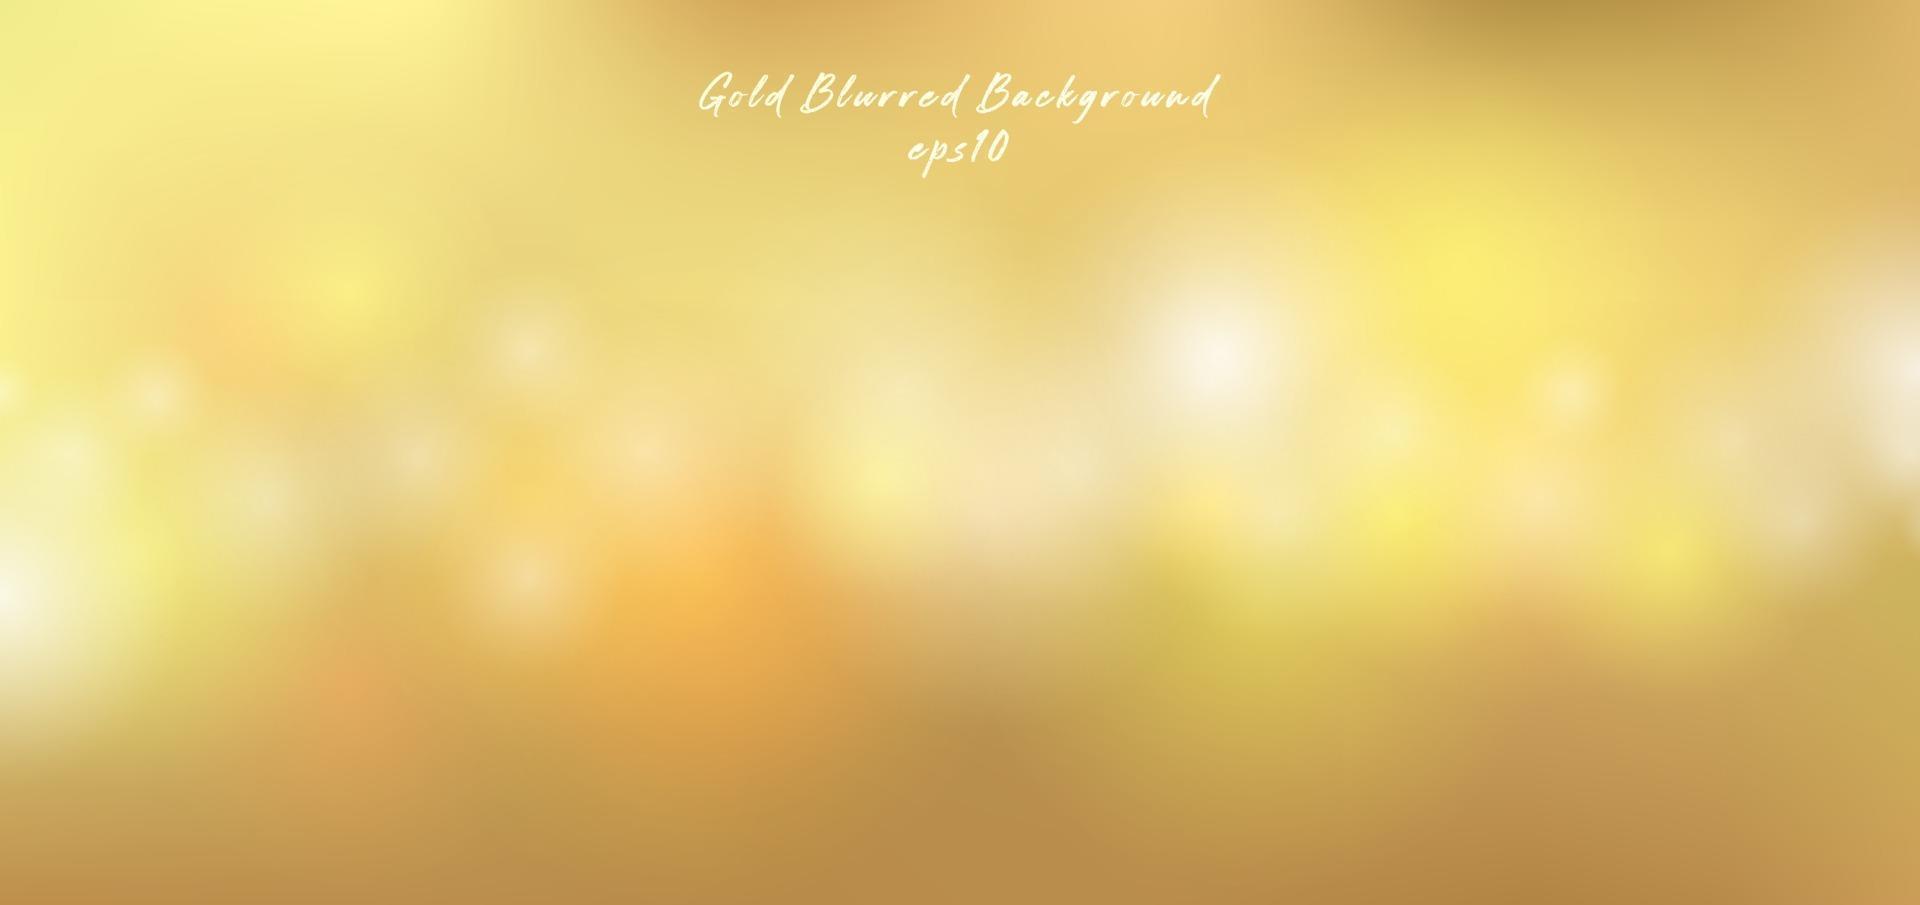 effetto bokeh luci oro, sfondo sfocato premium stile lusso. vettore